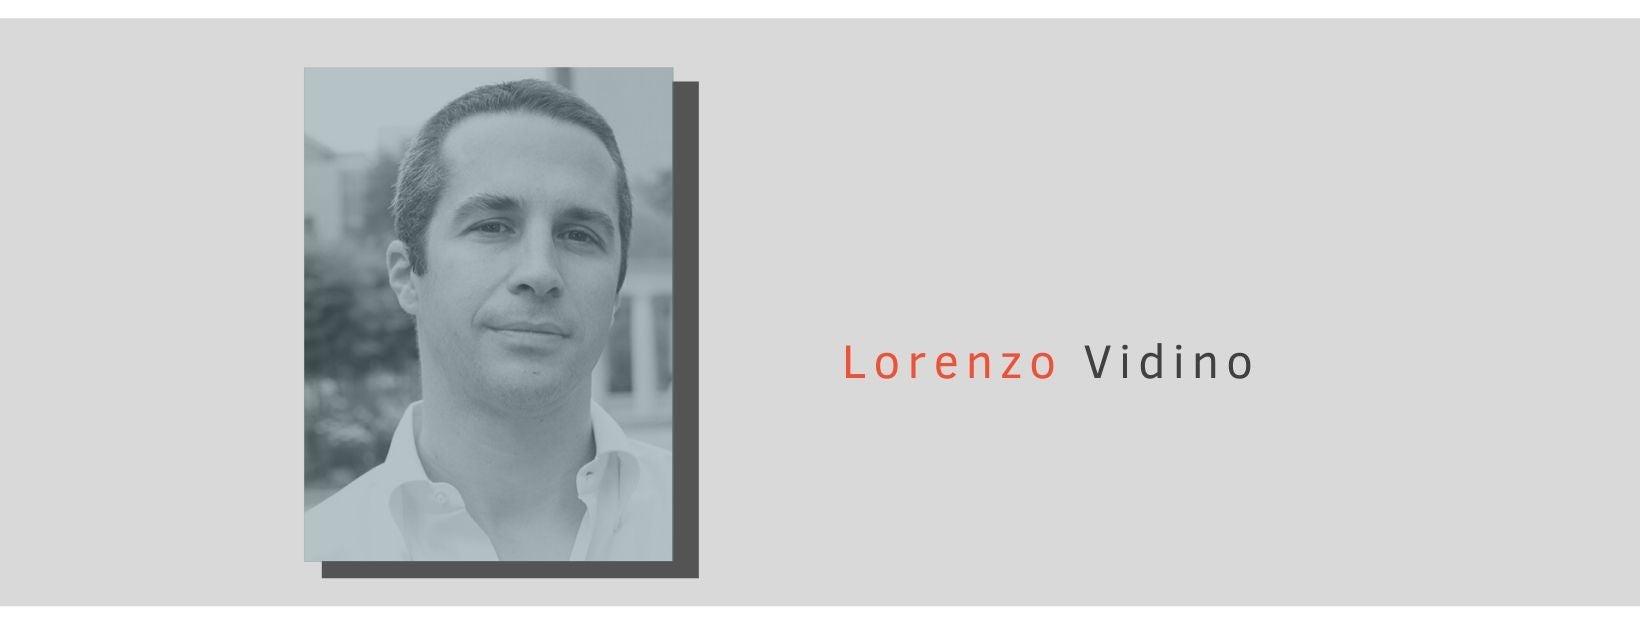 Lorenzo Vidino